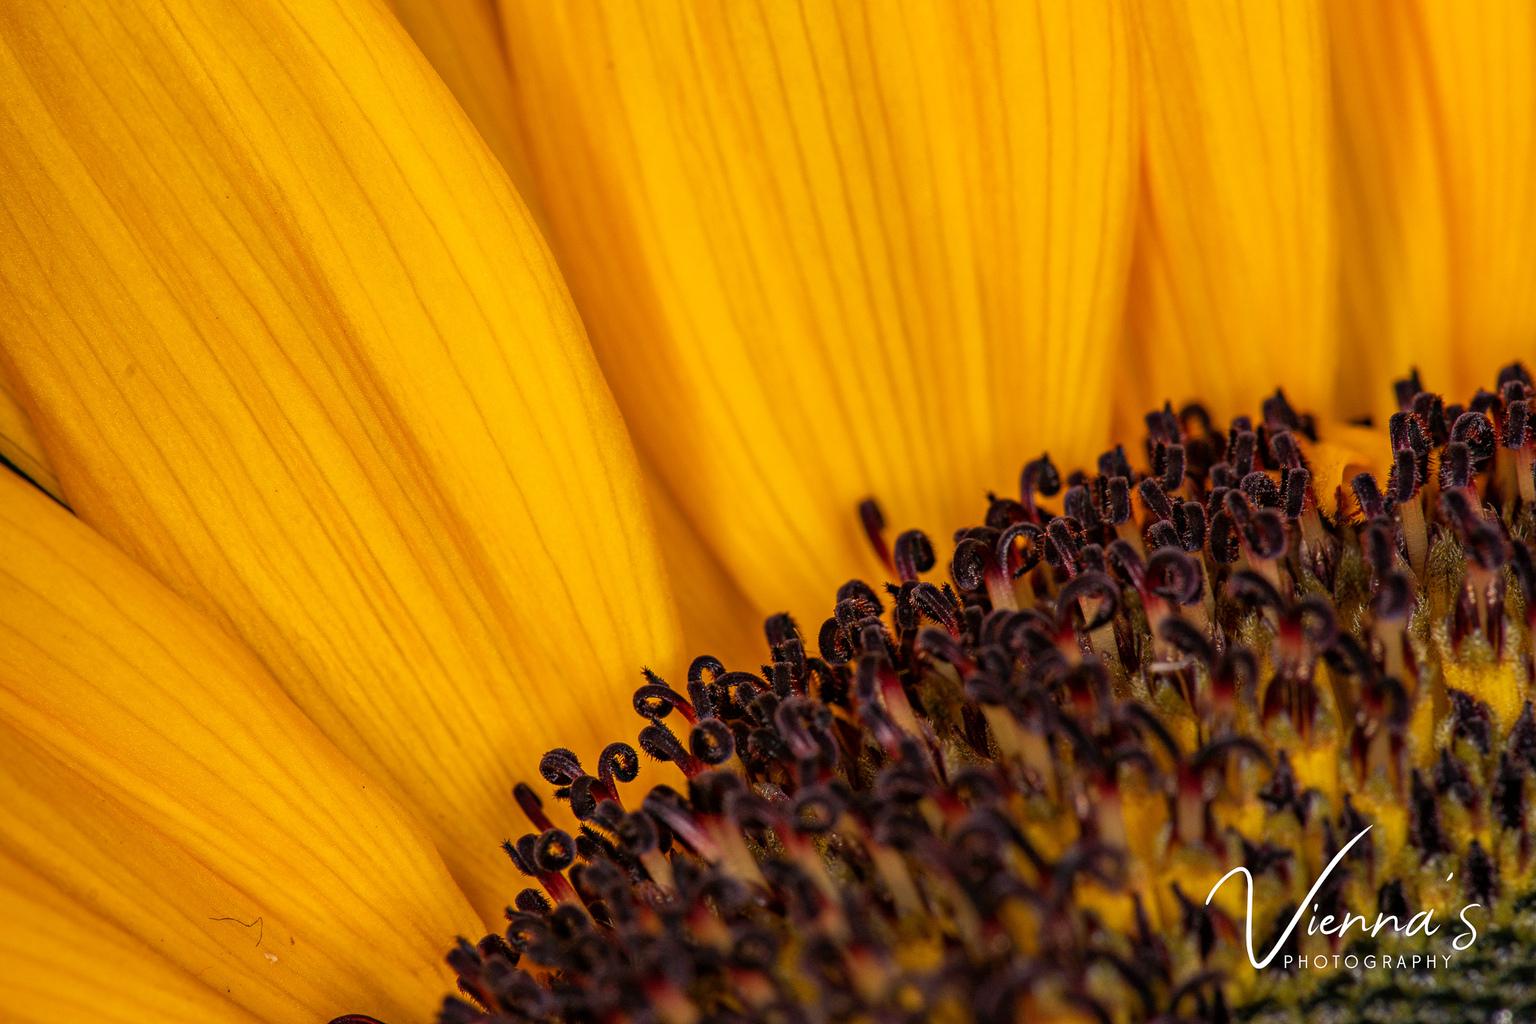 Macro Sunflower - Ieder jaar krijg ik met mijn verjaardag een prachtige bosbloemen vanuit mijn werkgever. Dit is altijd een mooi moment om de macro lens uit de kast te - foto door Vienna op 10-04-2021 - locatie: Krimpen aan den IJssel, Nederland - deze foto bevat: macro, macro photography, sunflower, bloemen, bloem, nikon, bloem, fabriek, bloemblaadje, bloeiende plant, eenjarige plant, detailopname, zonnebloem, macrofotografie, wildflower, stuifmeel